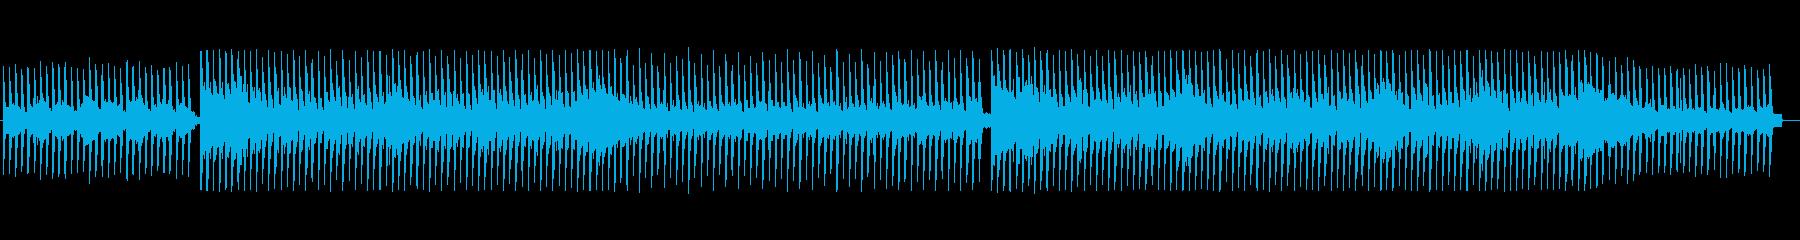 スチームパンク、サイバーパンク的な曲の再生済みの波形